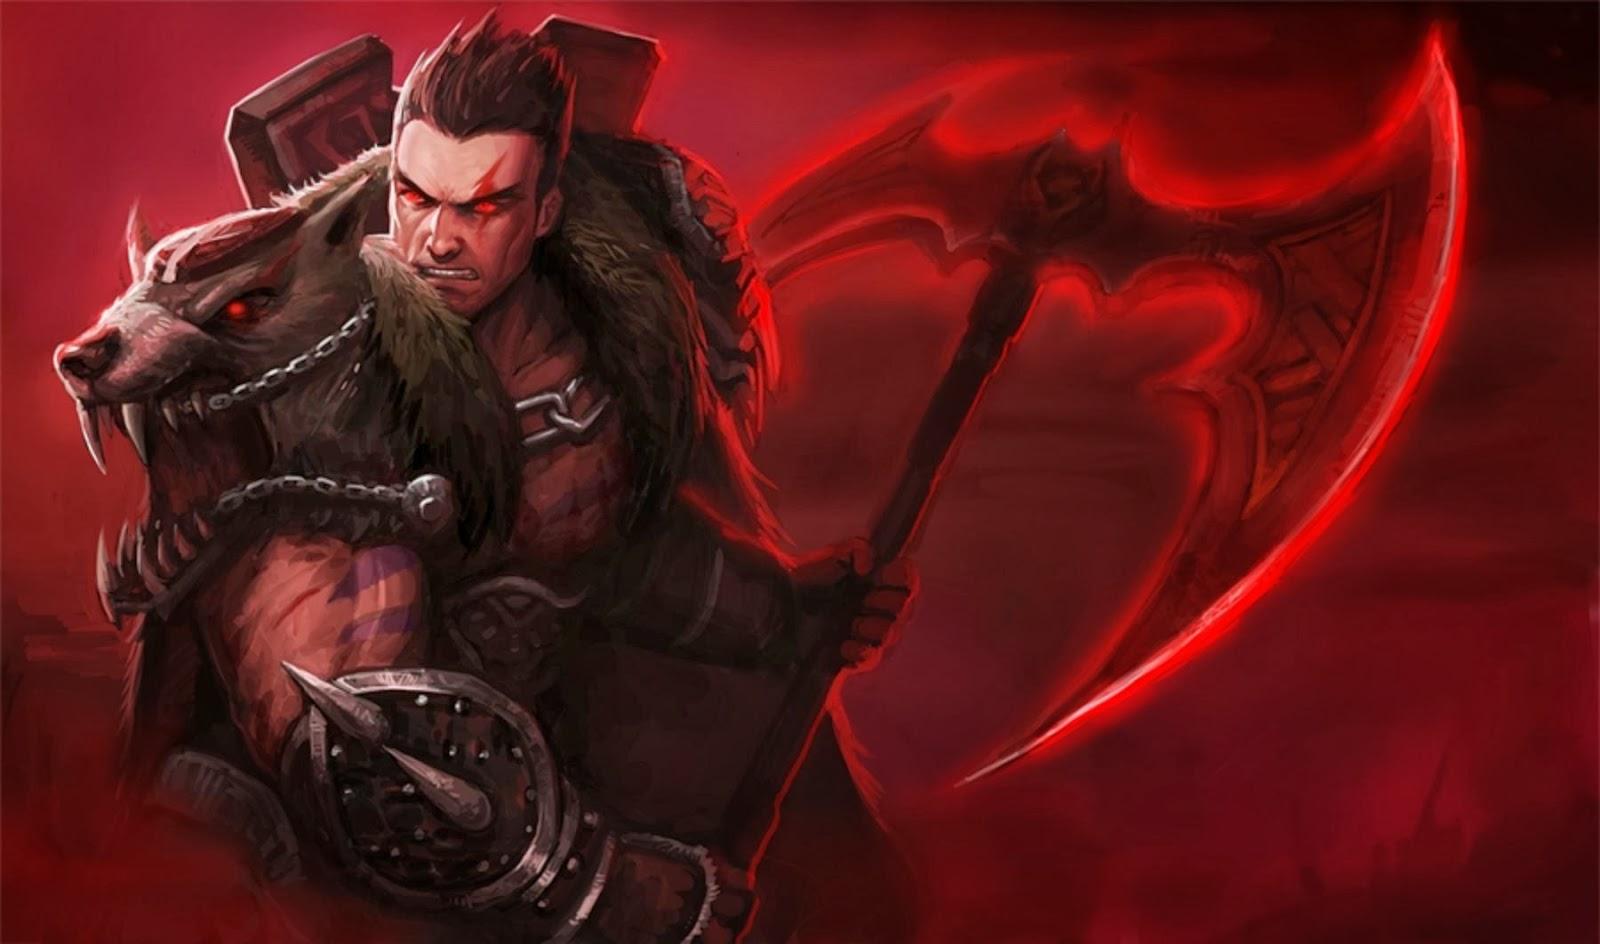 Darius League of Legends Wallpaper, Darius Desktop Wallpaper